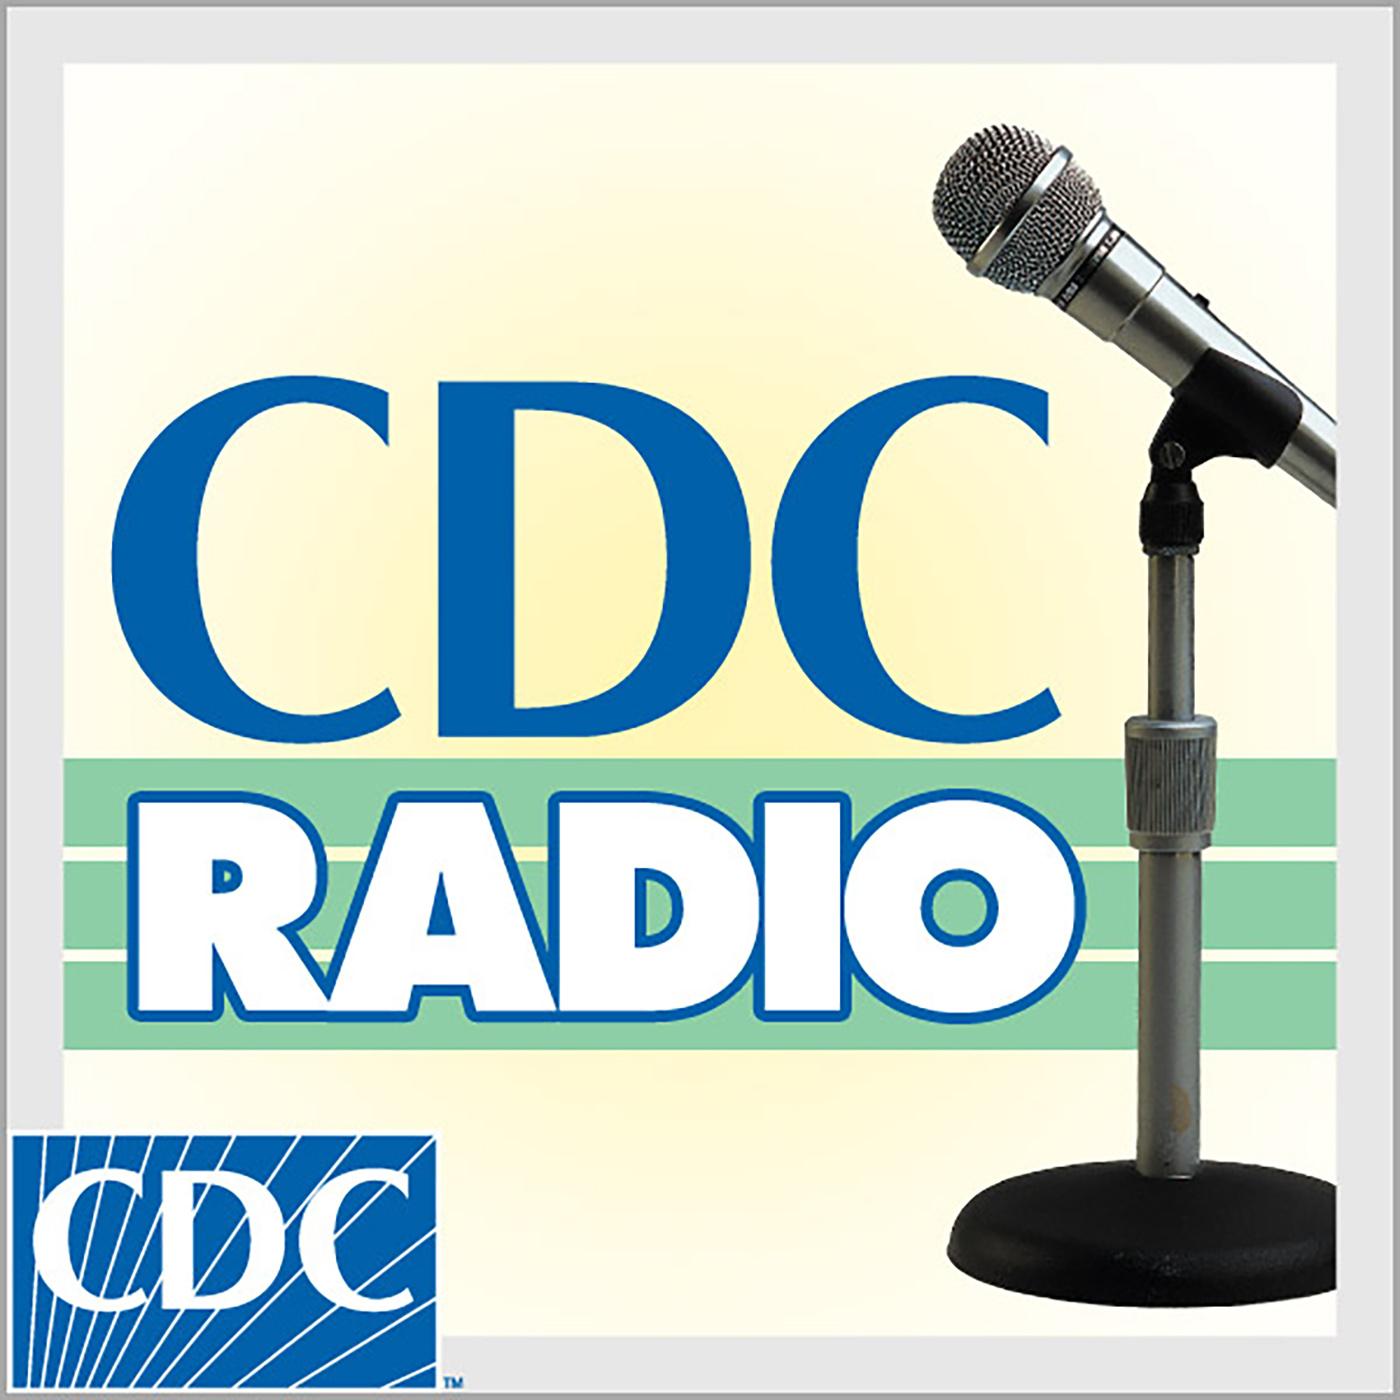 Logotipo de la radio de los CDC